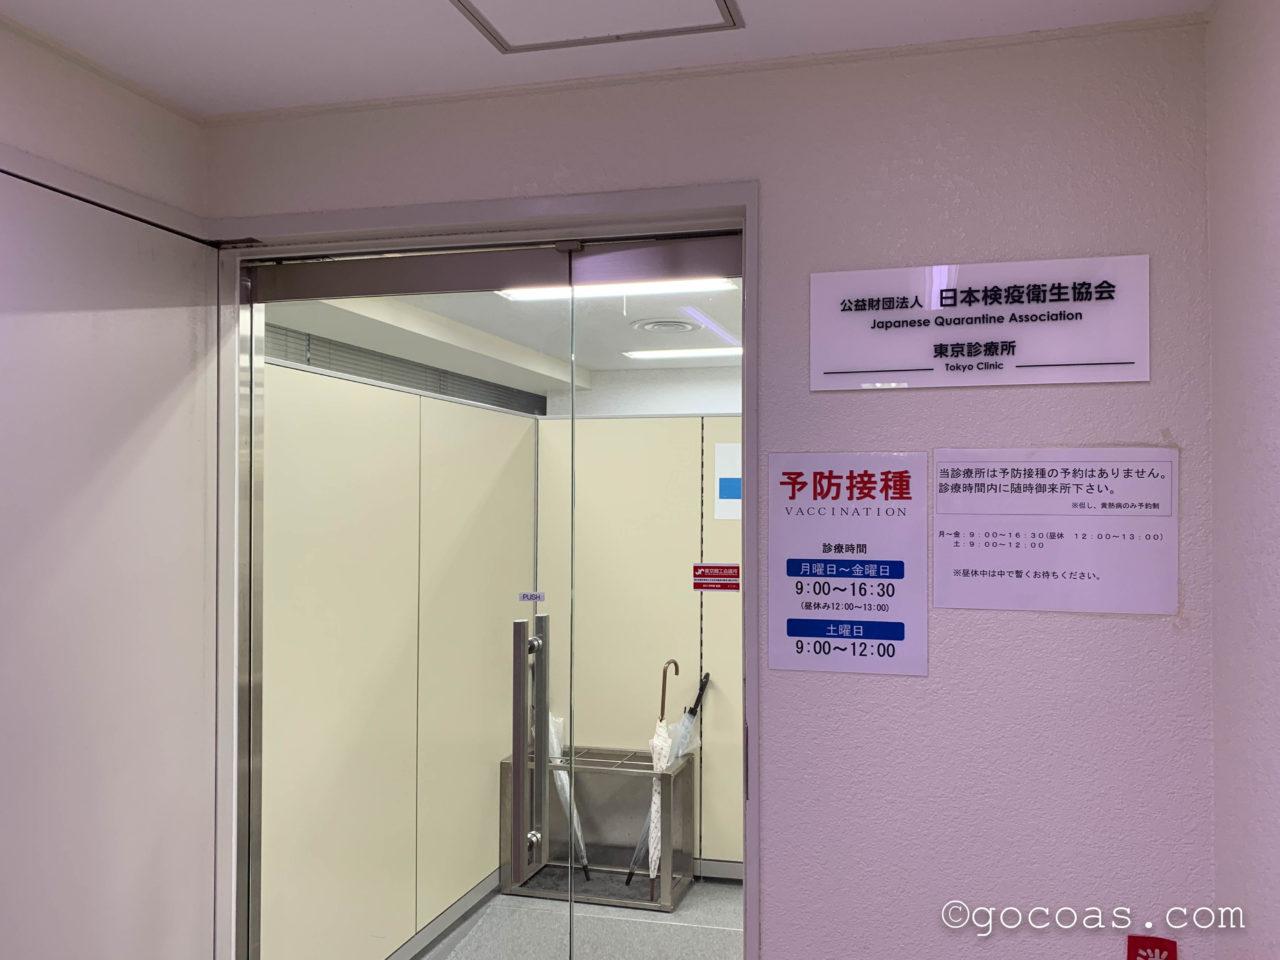 黄熱ワクチンの予防接種の場所